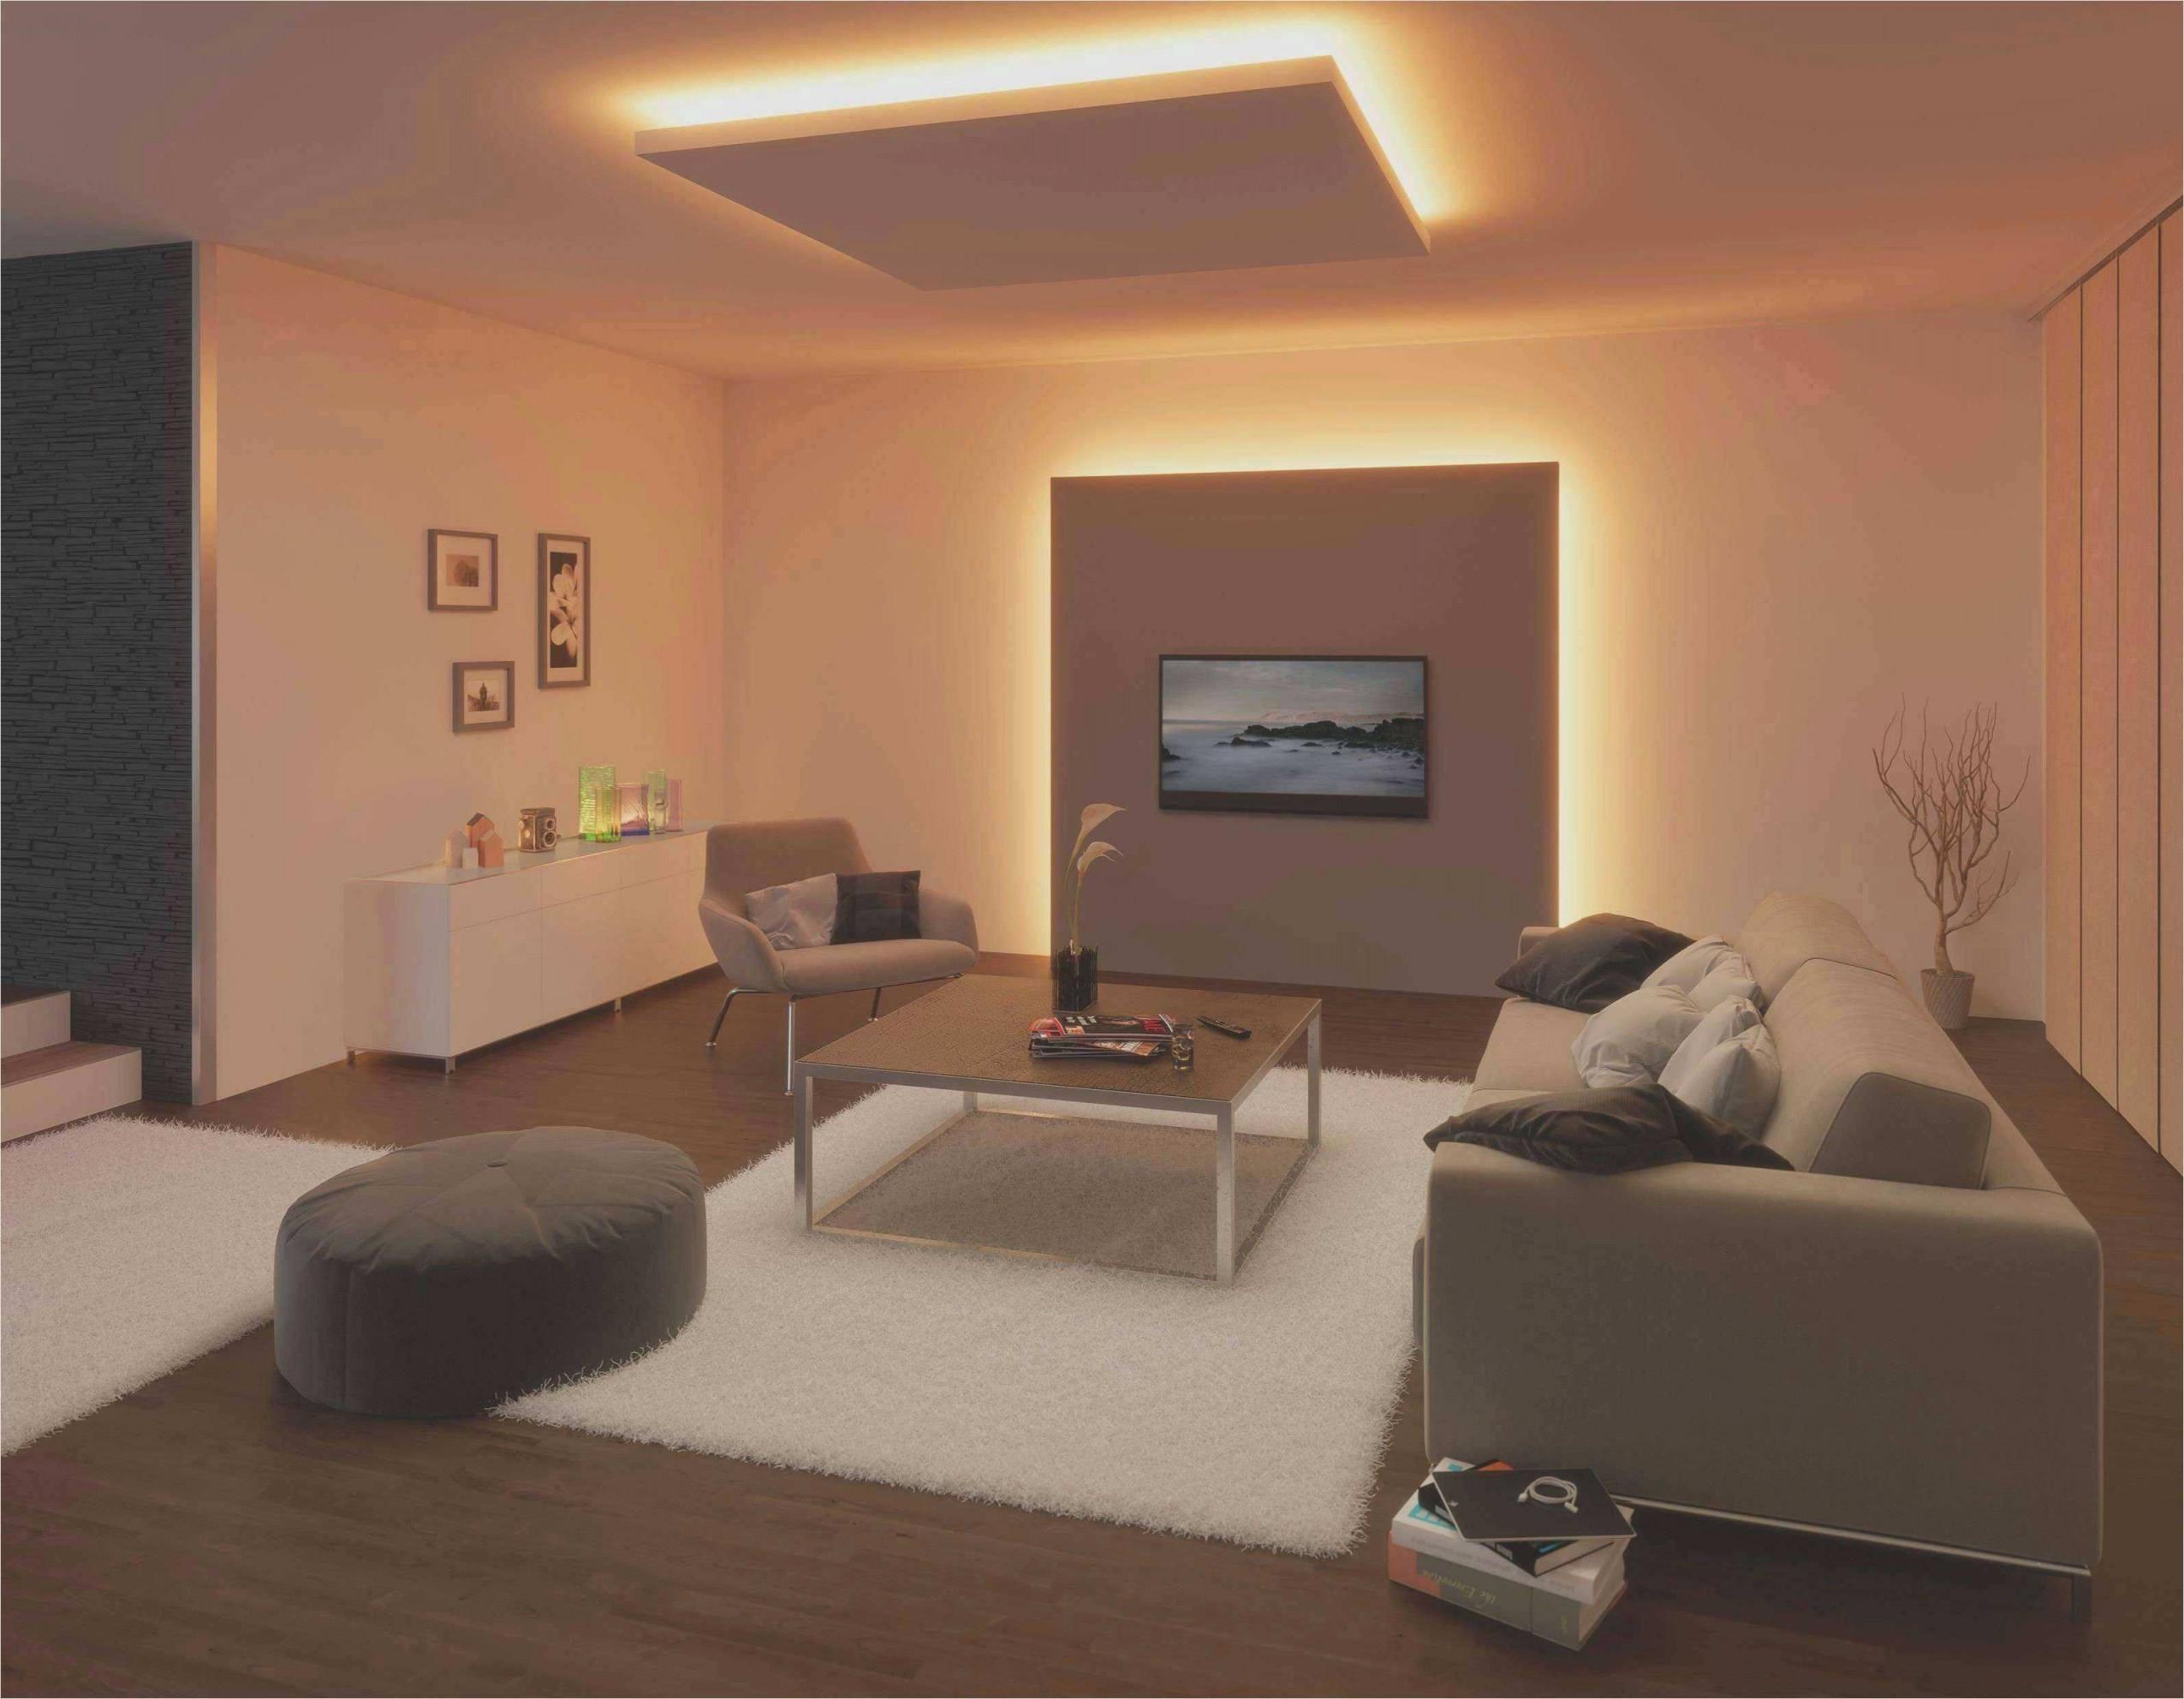 59 Luxus Tapeten Ideen Schlafzimmer Luxus  Tolles von Coole Tapeten Für Wohnzimmer Photo